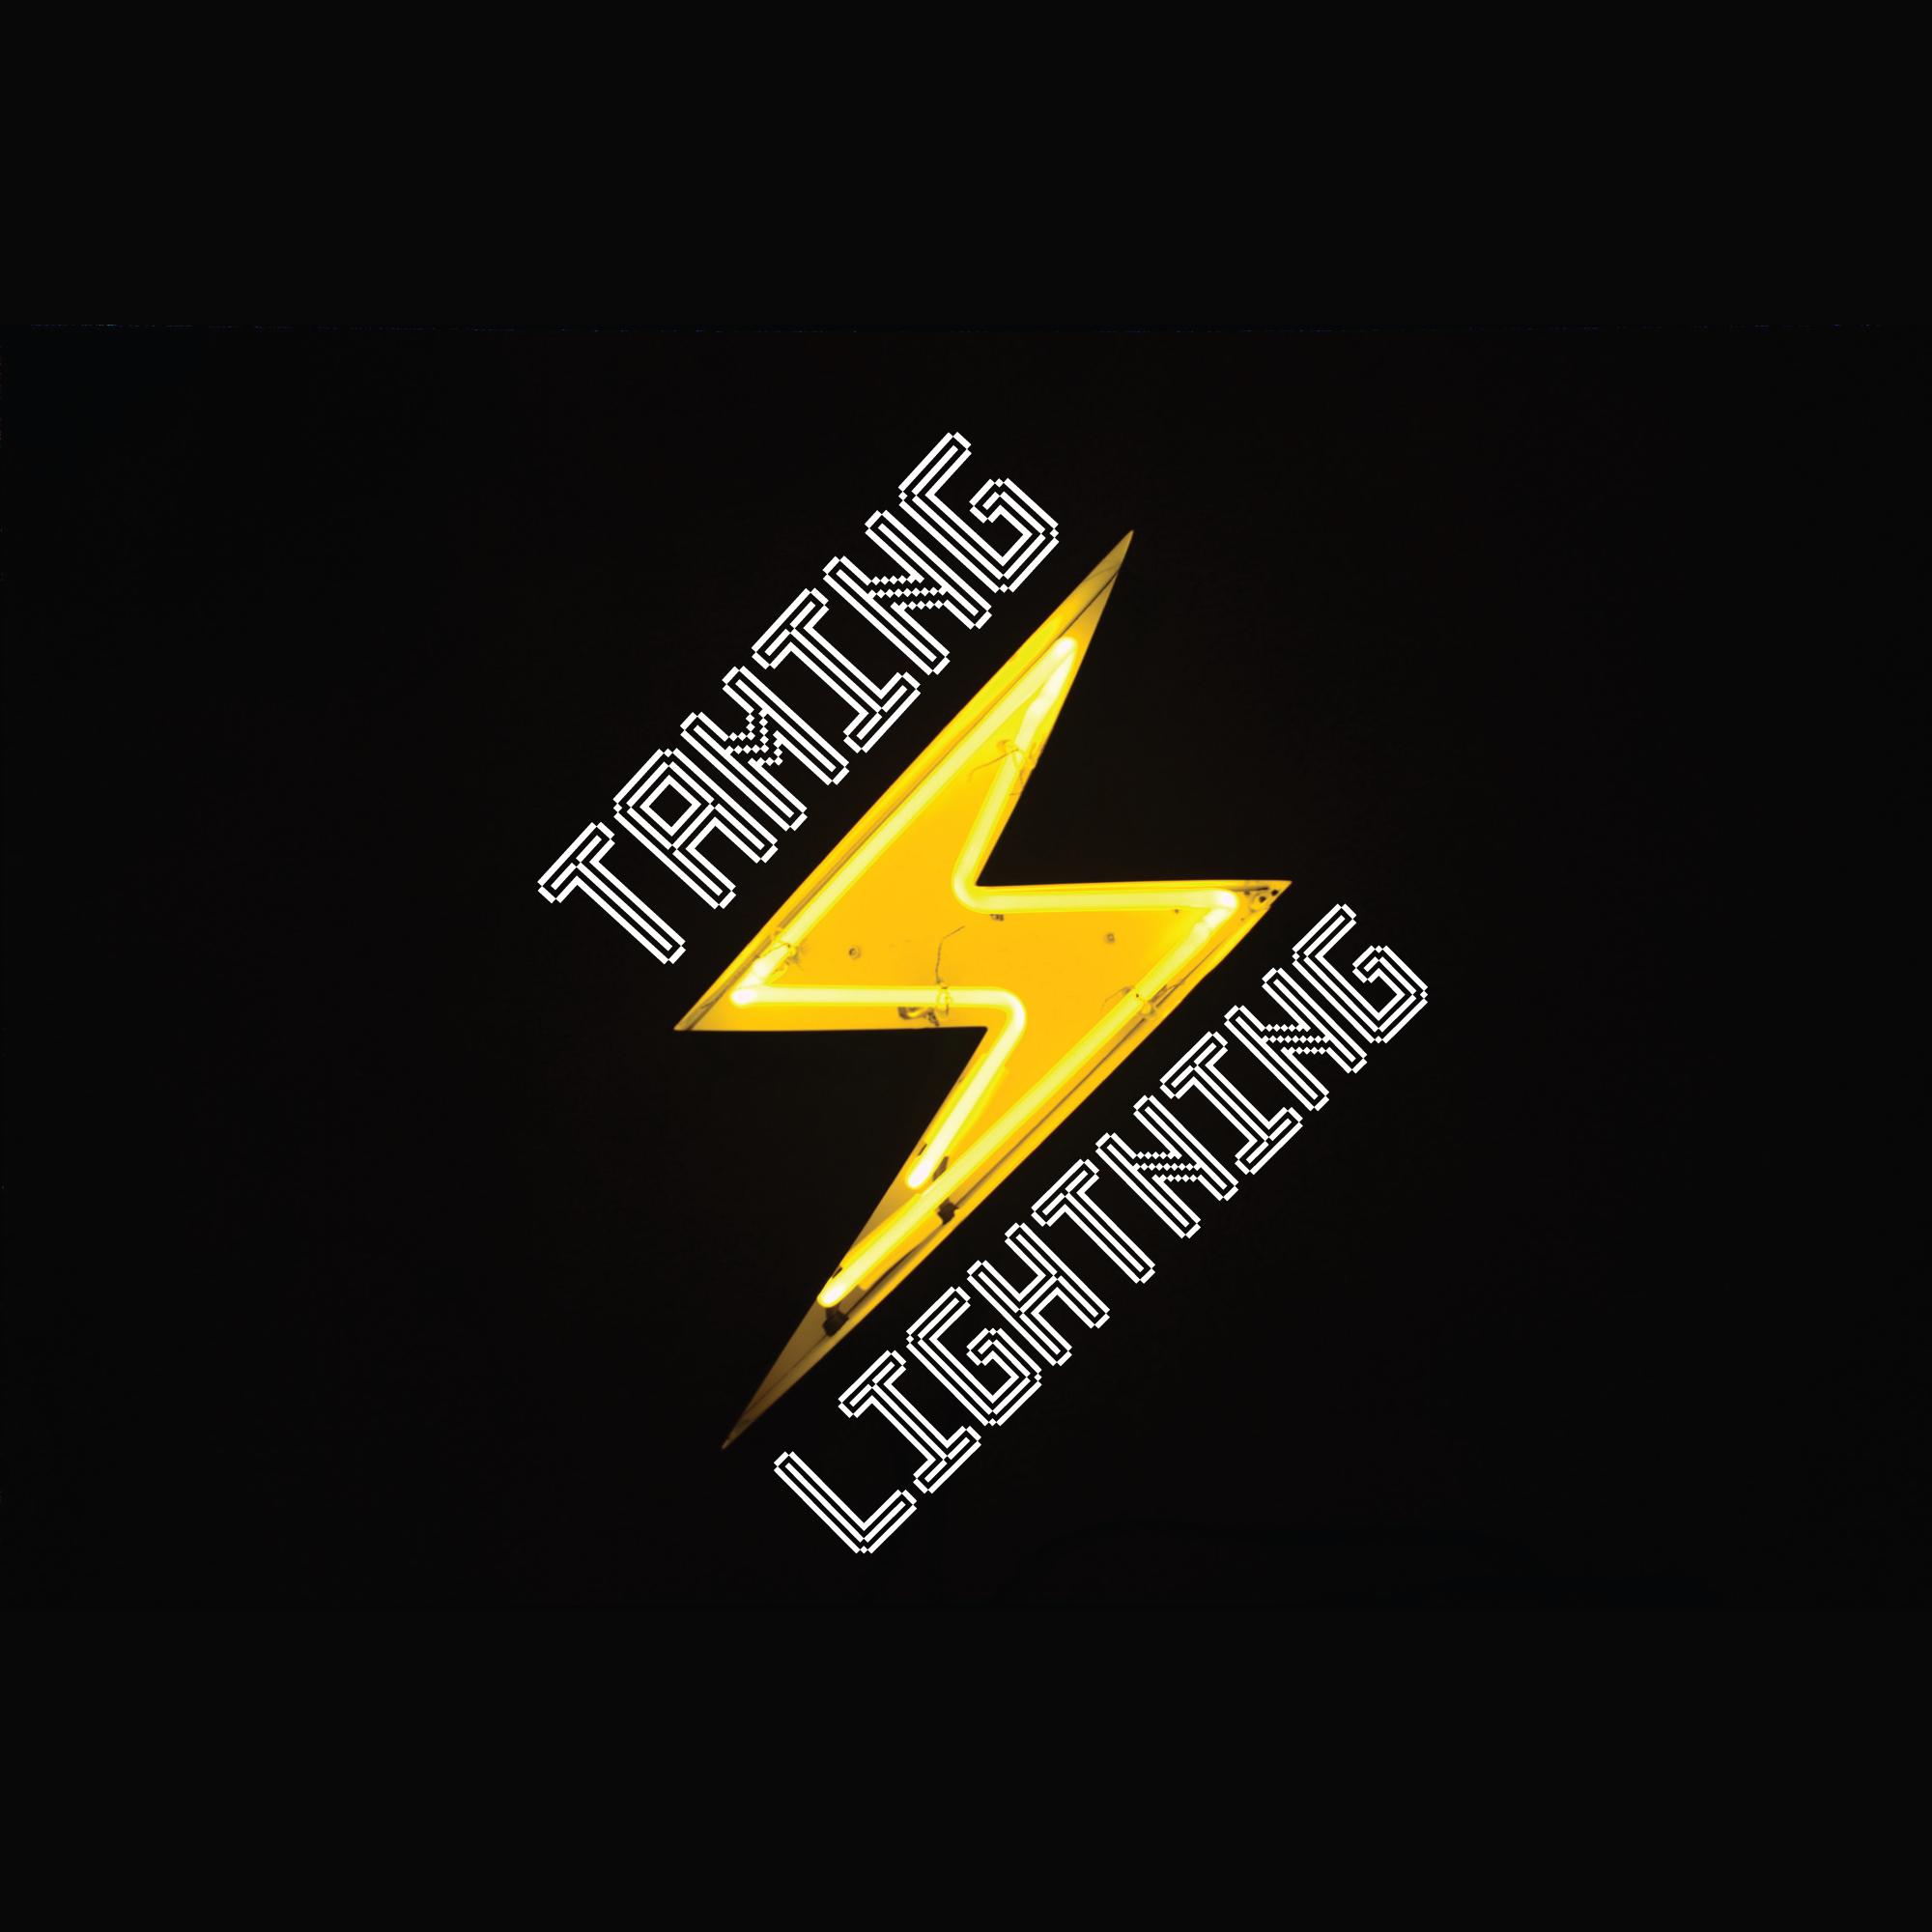 Taming Lightning show art